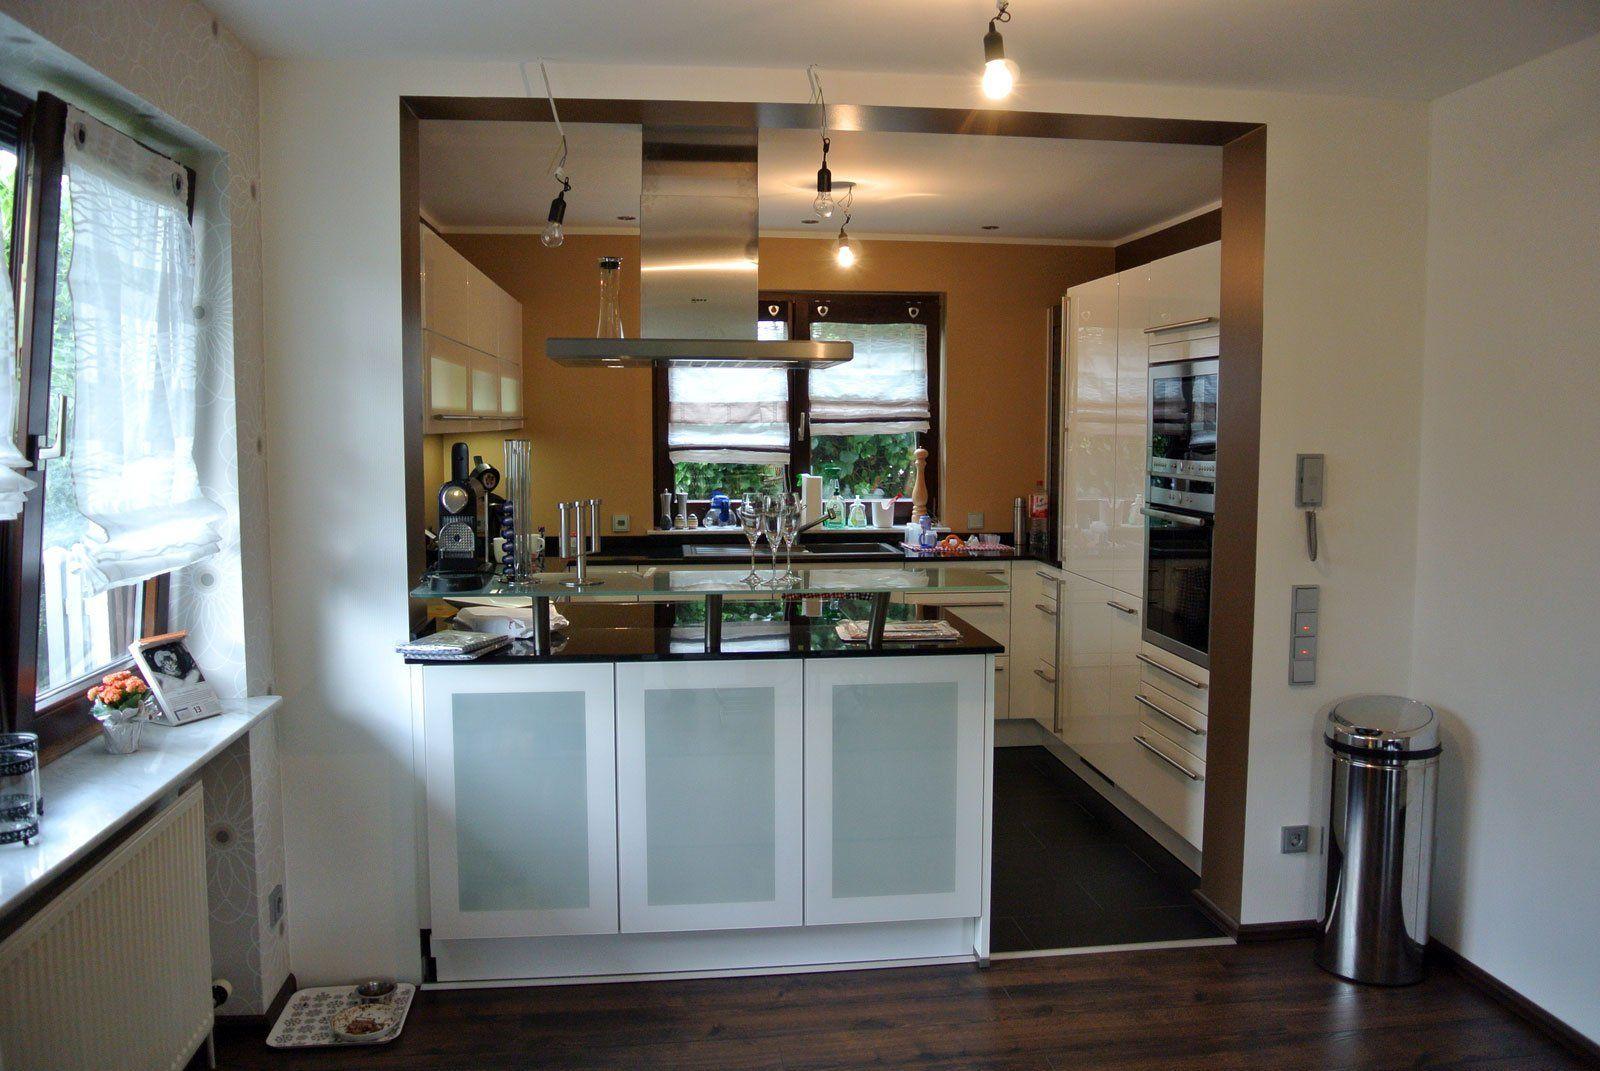 kleines wohnzimmer mit offener küche Wohnzimmer mit